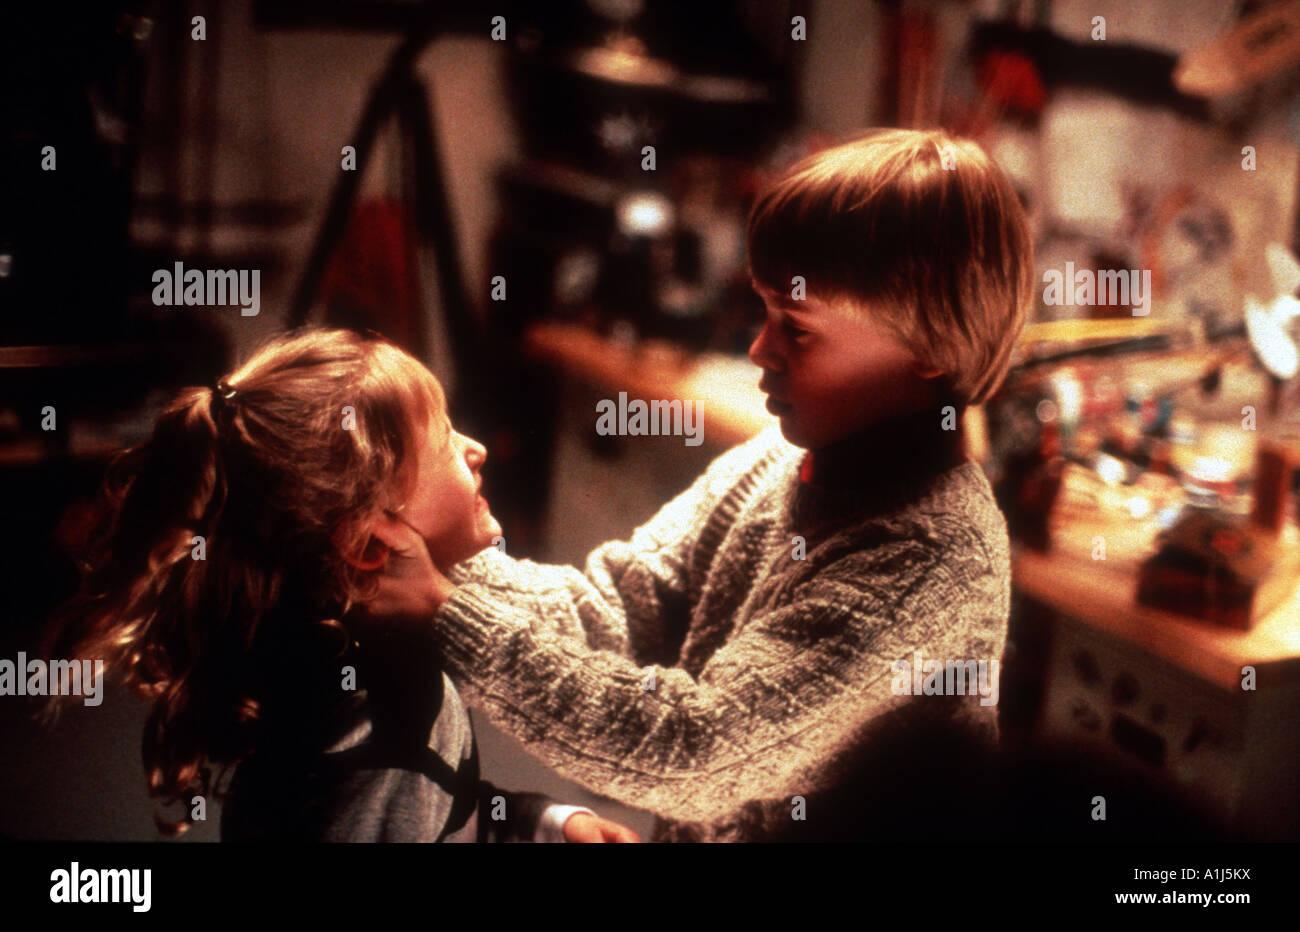 Macauley Culkin Stock Photos & Macauley Culkin Stock ...